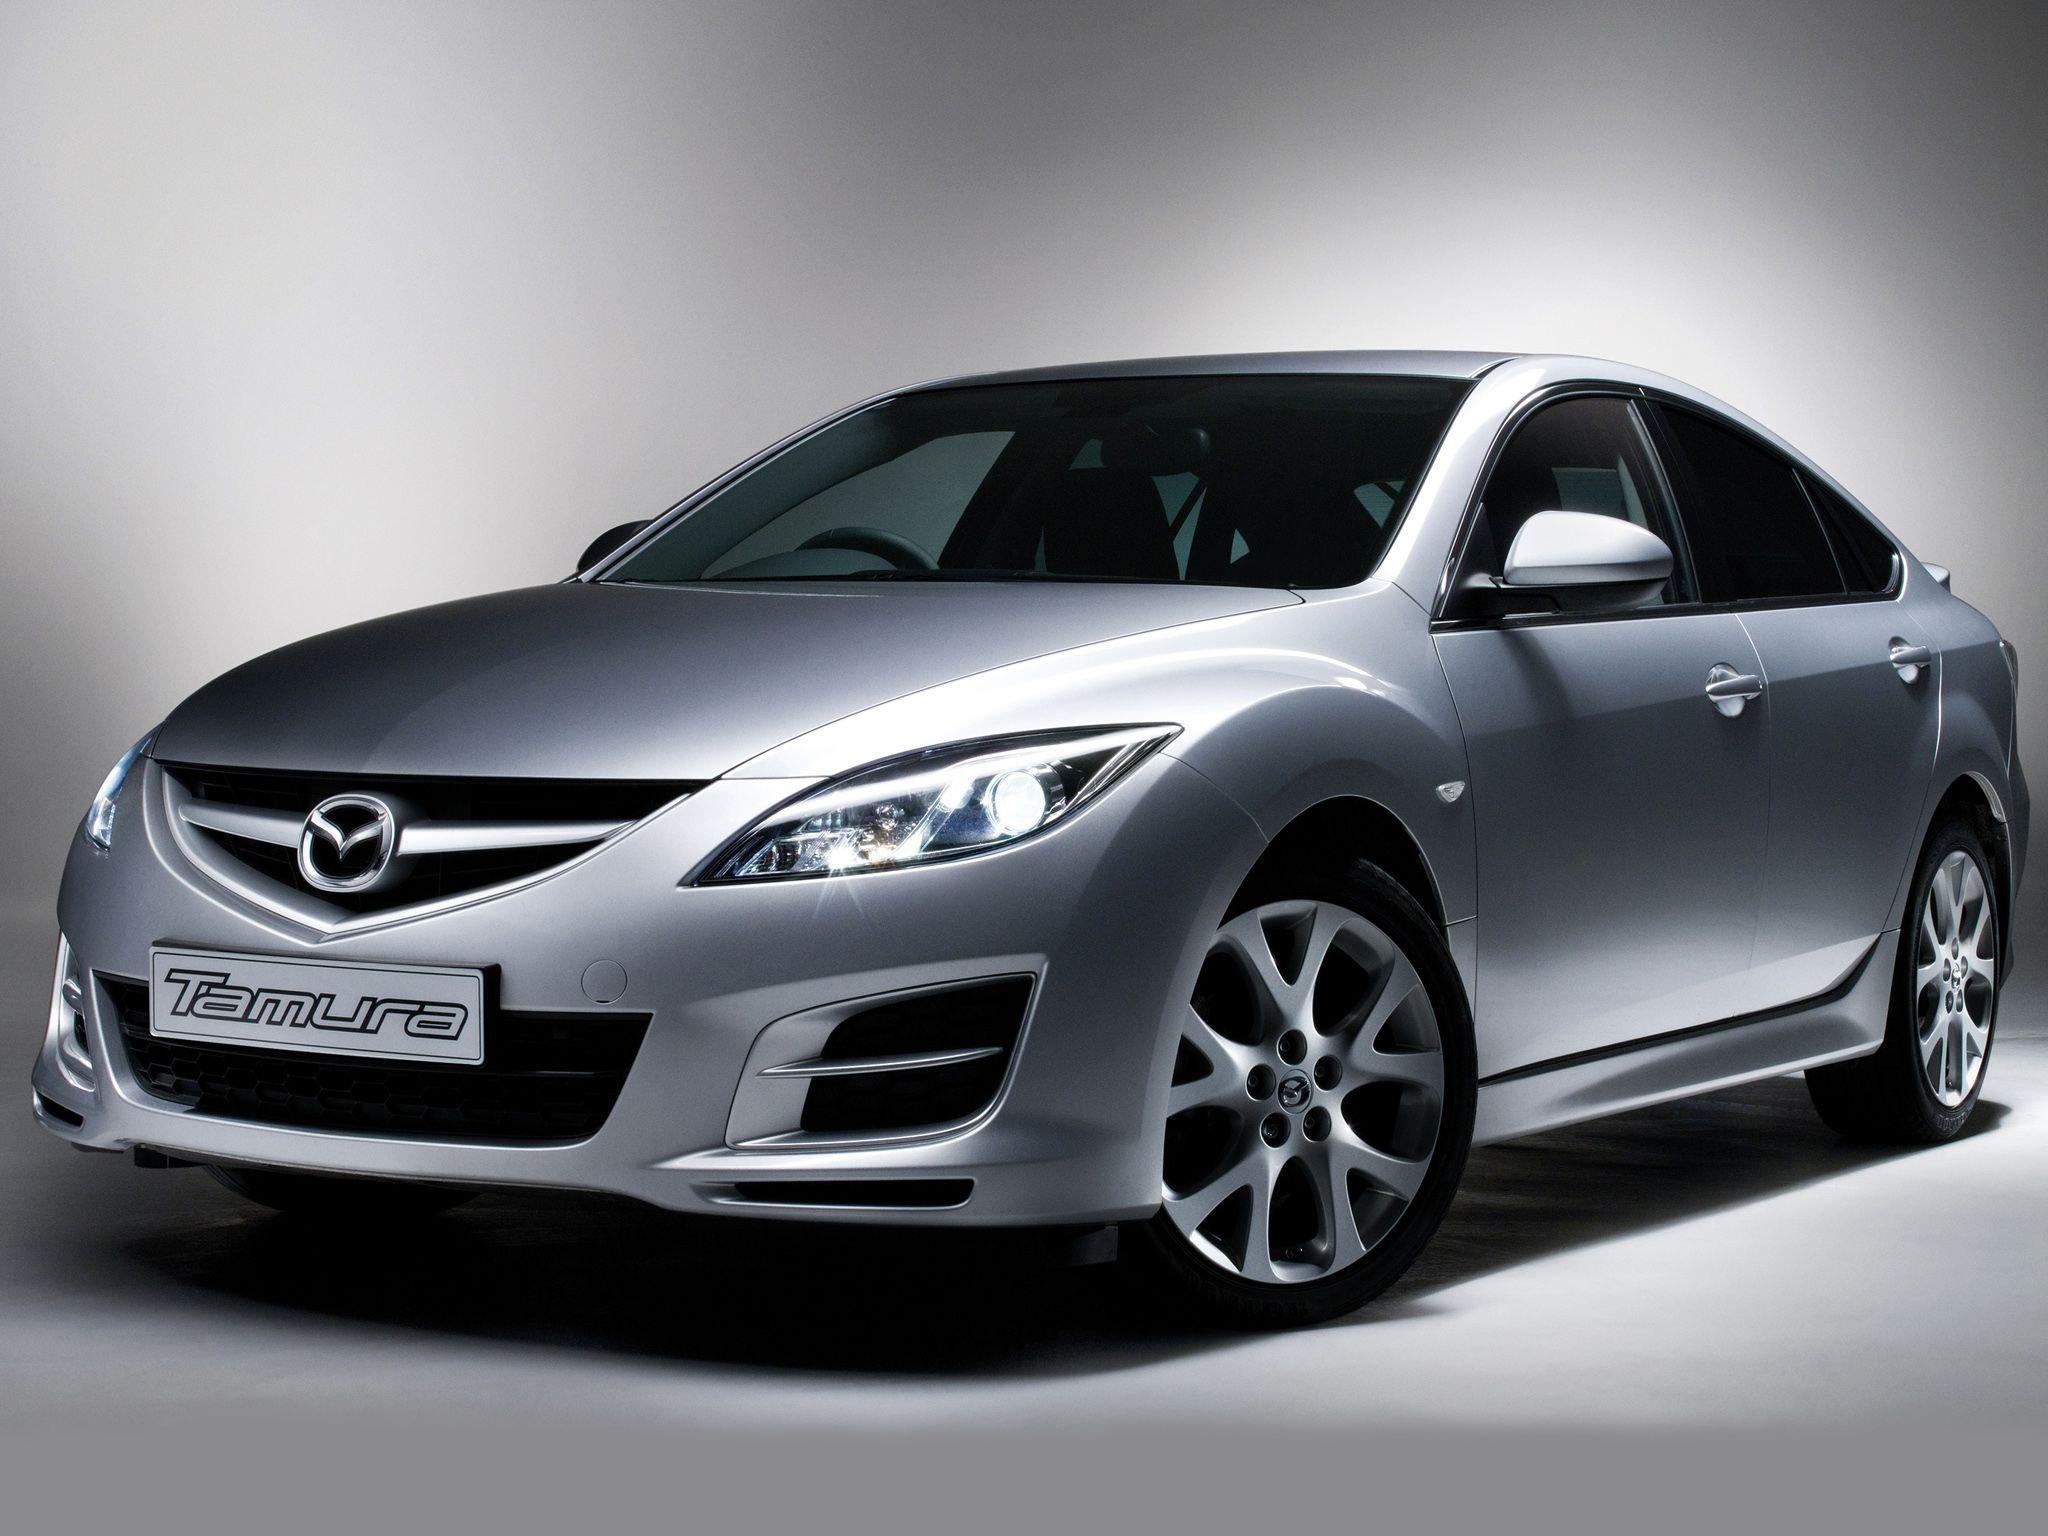 Kelebihan Mazda 6 2009 Review